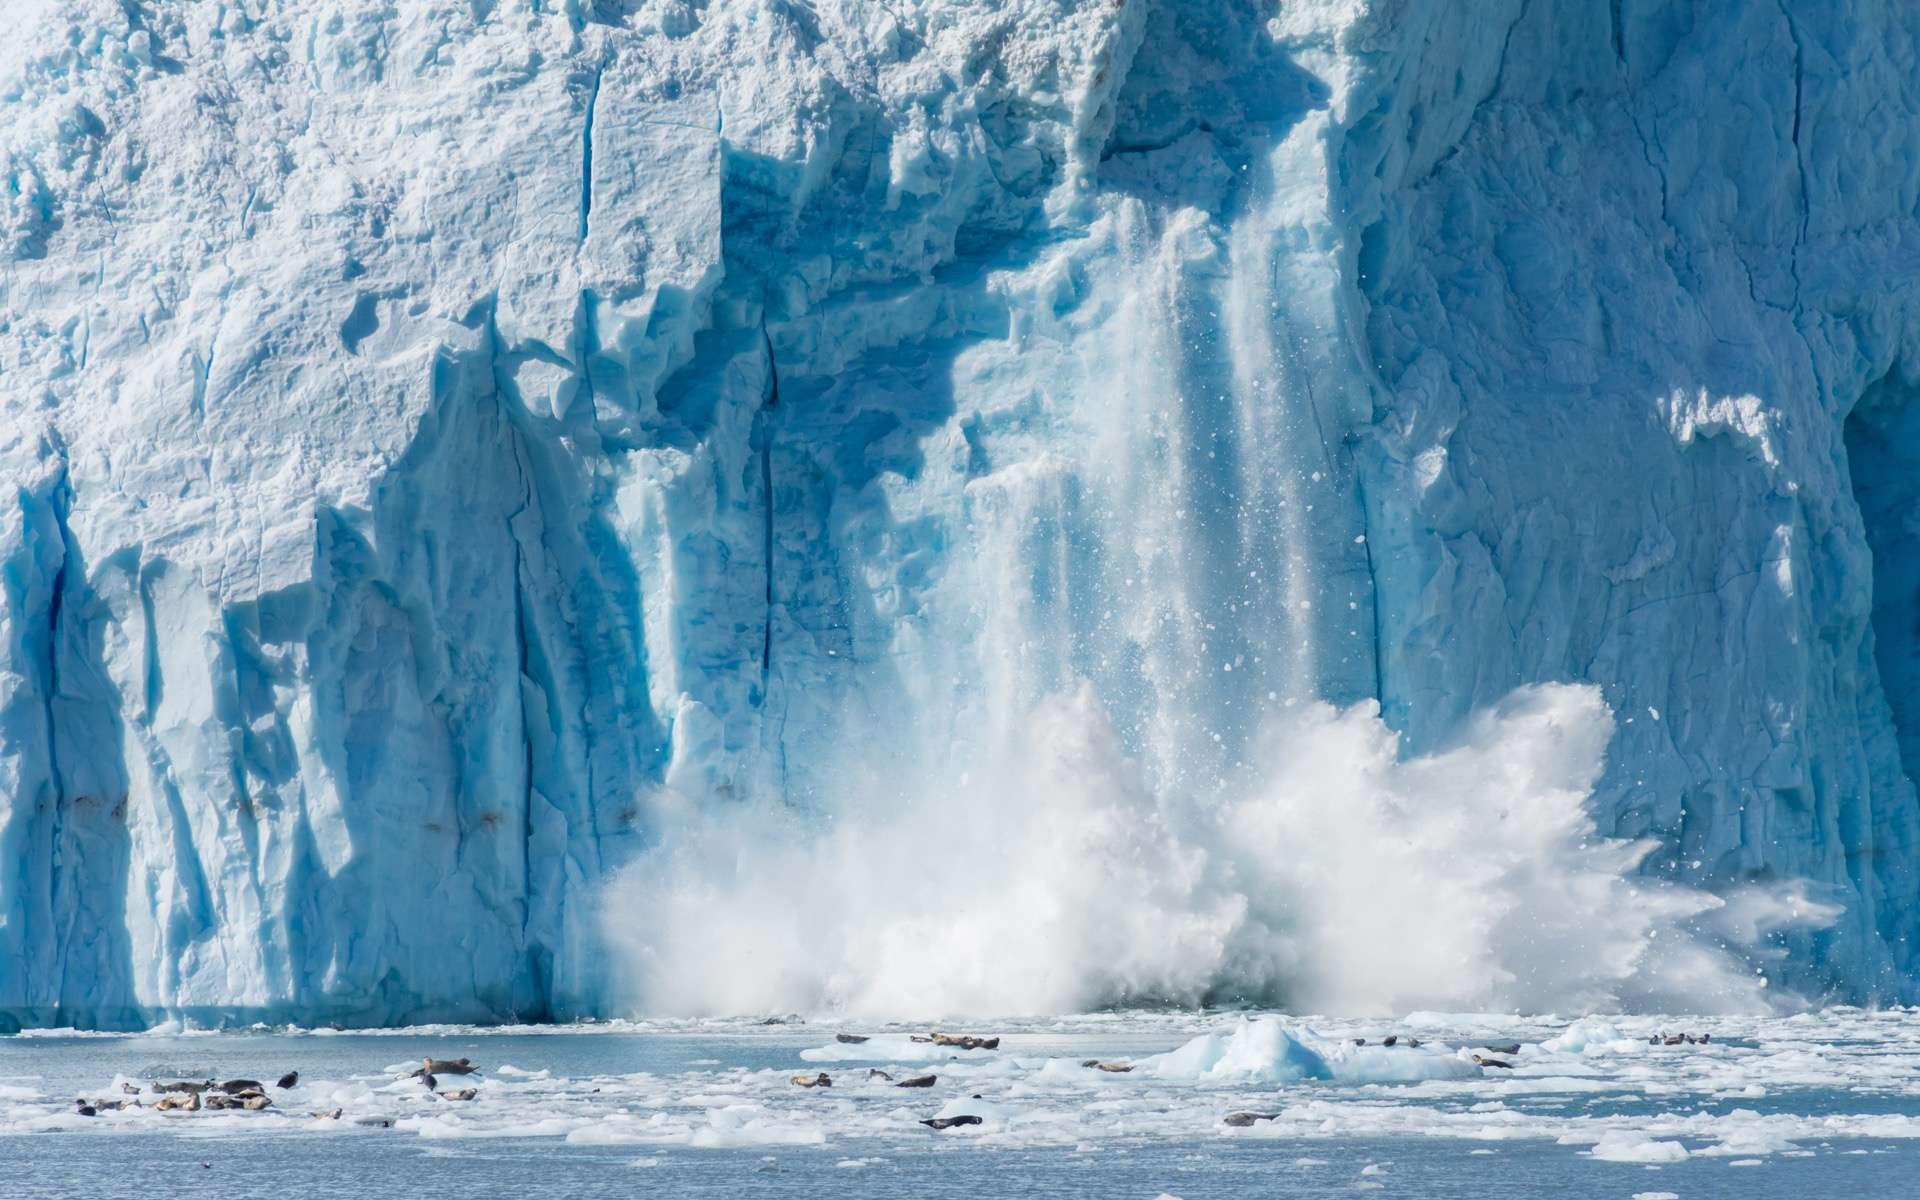 La banquise de l'arctique a été à son deuxième niveau le plus bas. © Shutterhold, Adobe Stock